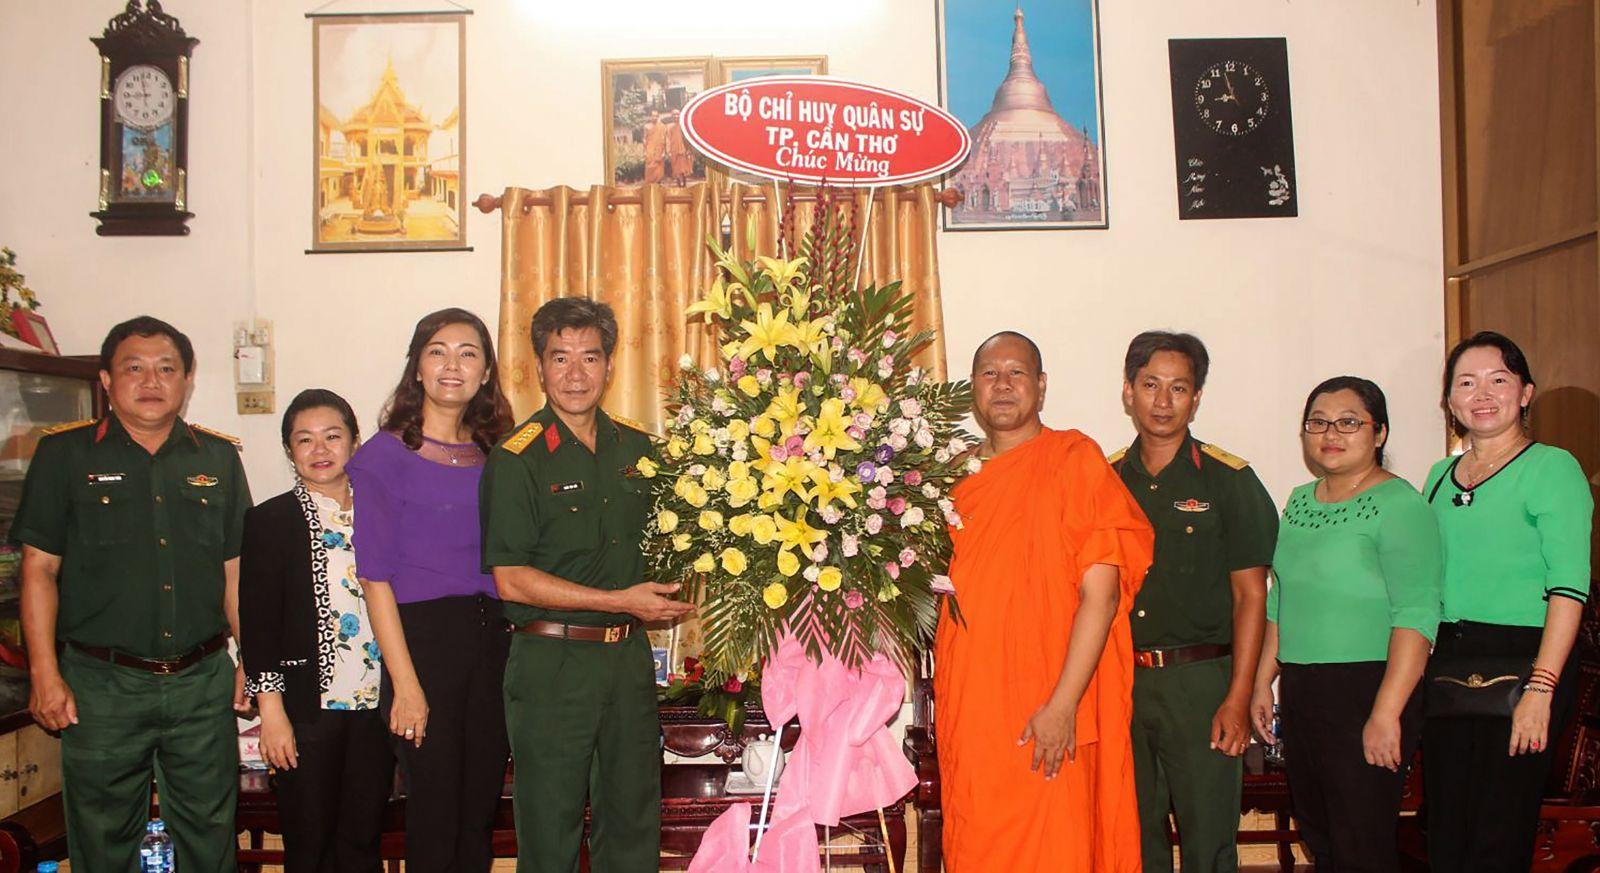 Đại tá Trần Văn Đức, Phó Chỉ huy trưởng Bộ CHQS thành phố, tặng hoa chúc mừng Thượng tọa Trần Sol, Trụ trì chùa Munirangsay (quận Ninh Kiều) và Ban Quản trị Chùa.